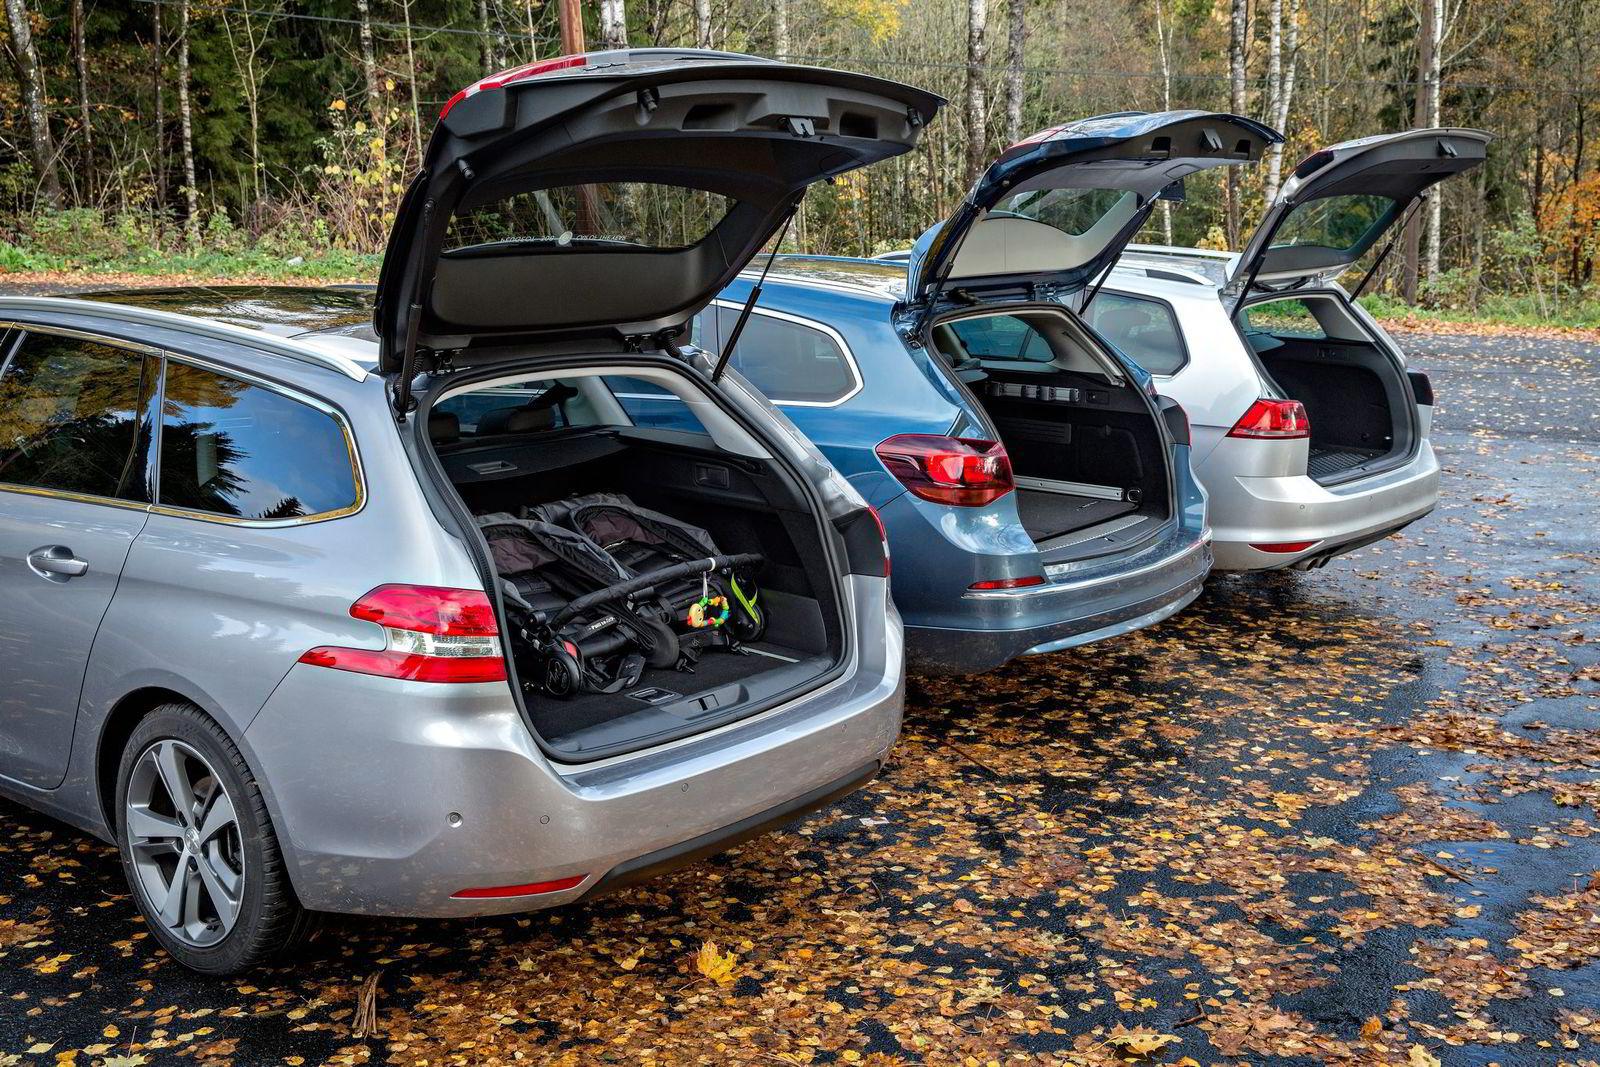 PLASS TIL TVILLINGVOGNEN. Bagasjerommet i Peugeot 308 er det største, men i praktisk lastevolum skiller det ikke mye mellom bilene.  Foto: Aleksander Nordahl